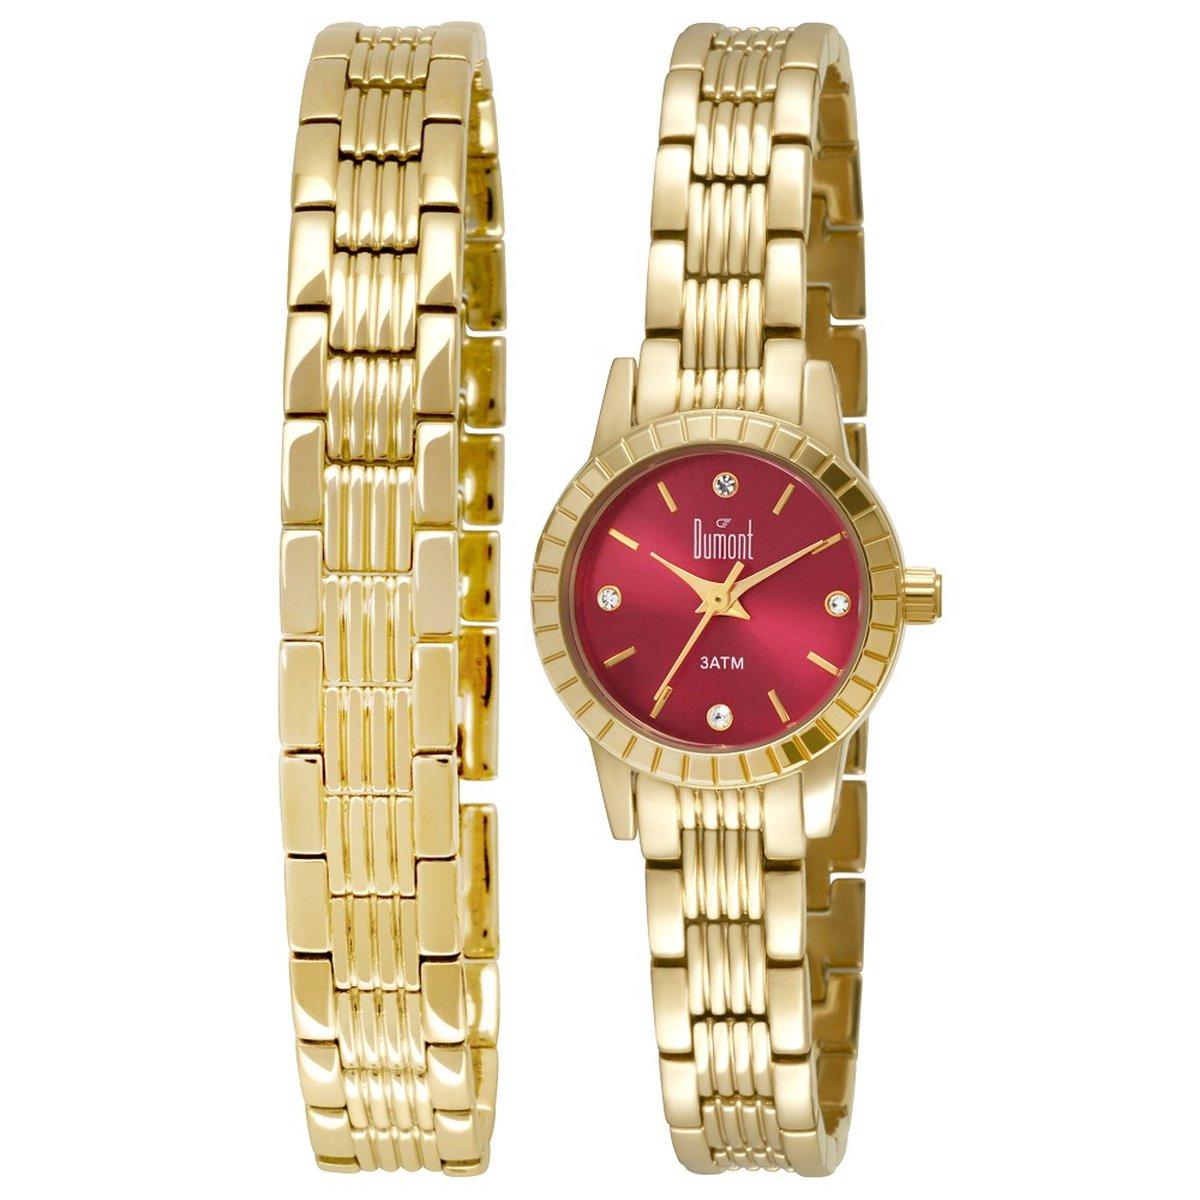 27c254887ad7a Relógio Dumont Feminino Elements - Compre Agora   Zattini